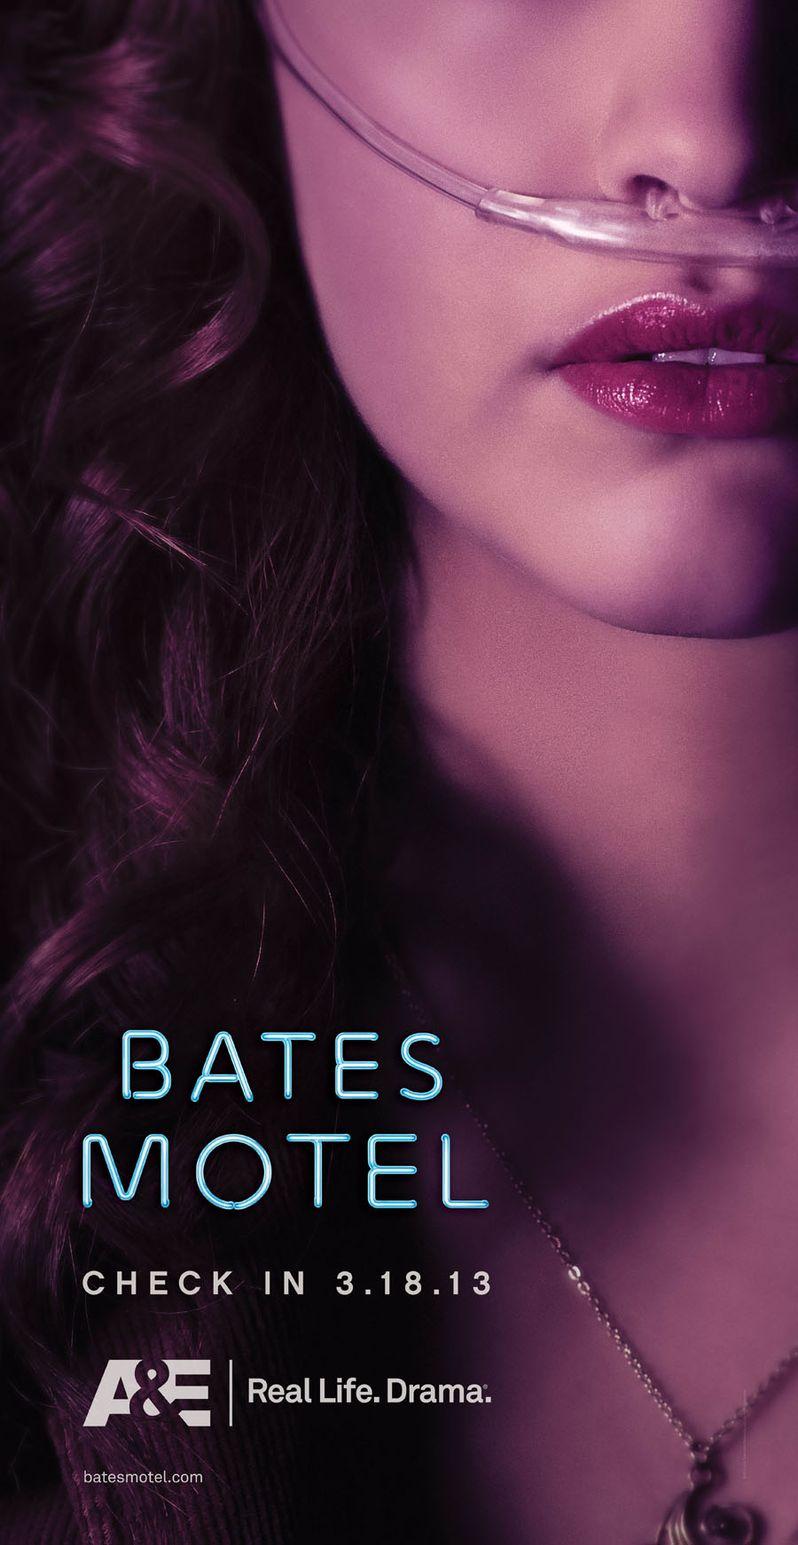 <strong><em>Bates Motel</em></strong> Promo Art 5